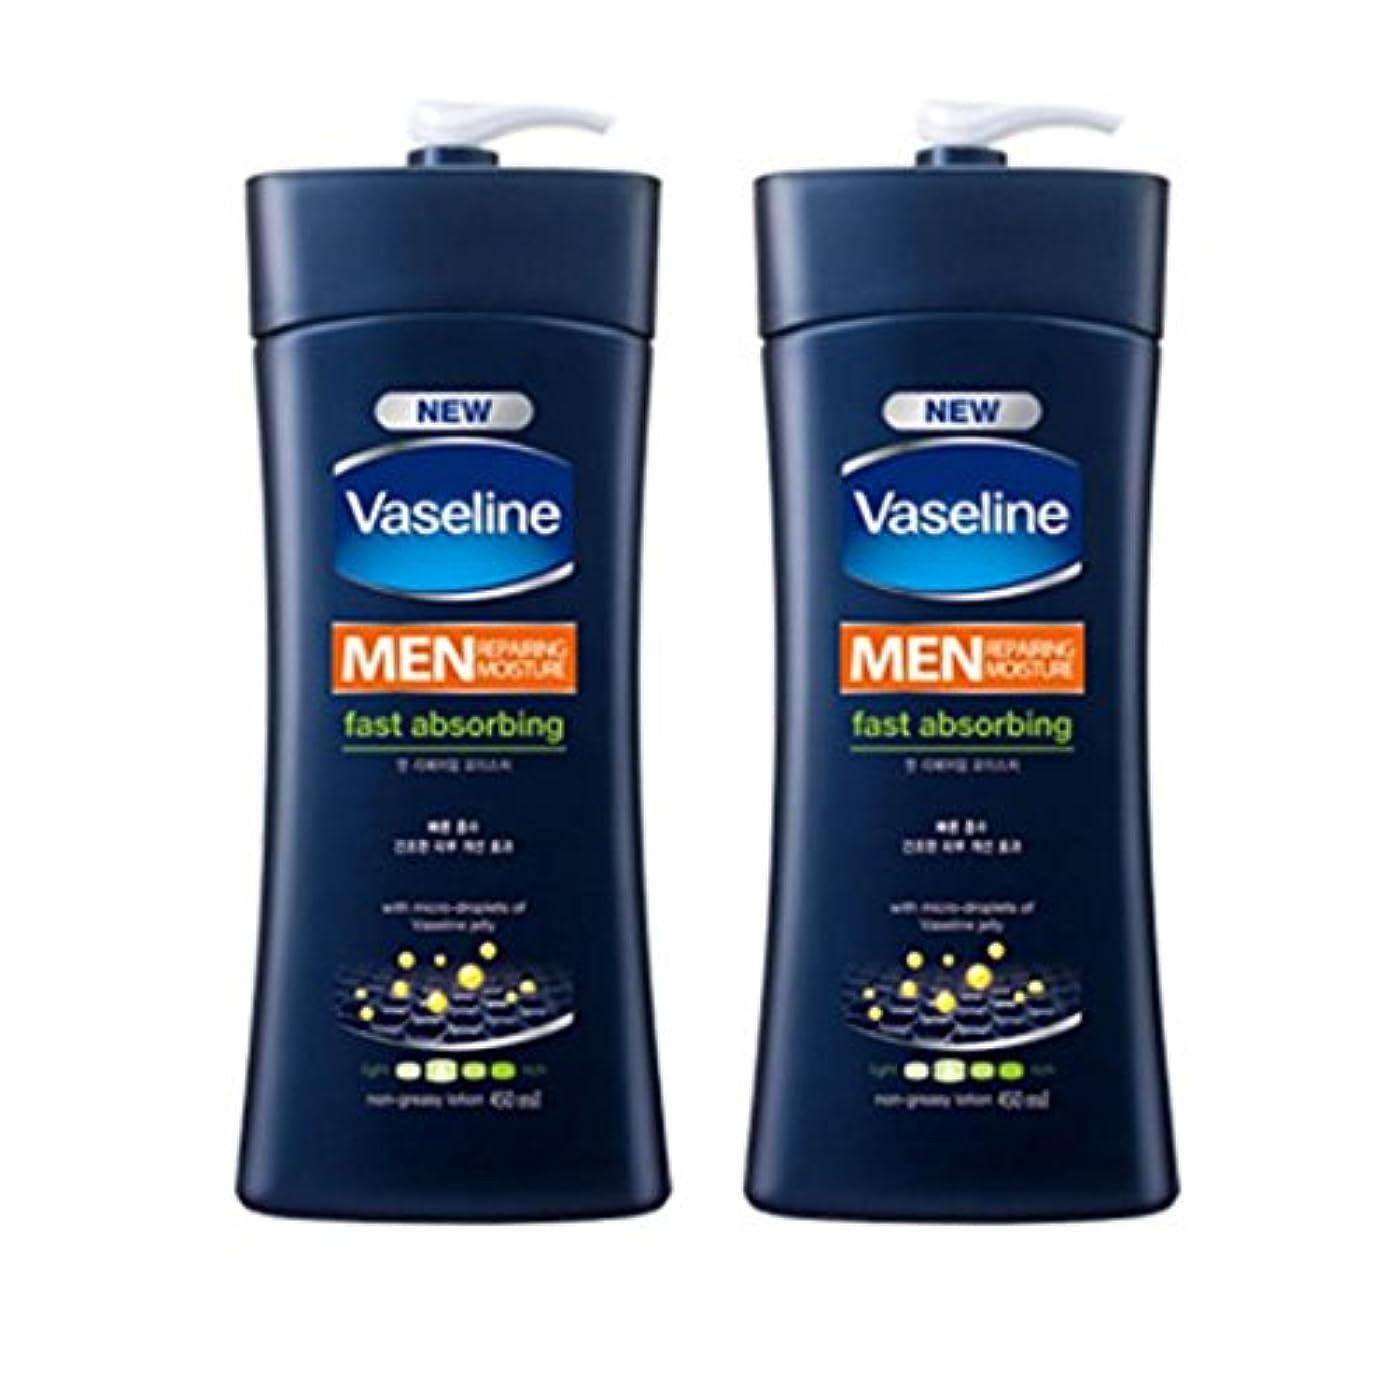 ヴァセリン メンズ リペアリング モイスチャーローション(Vaseline Man Repairing Moisture Lotion) 450ml X 2個 [並行輸入品]